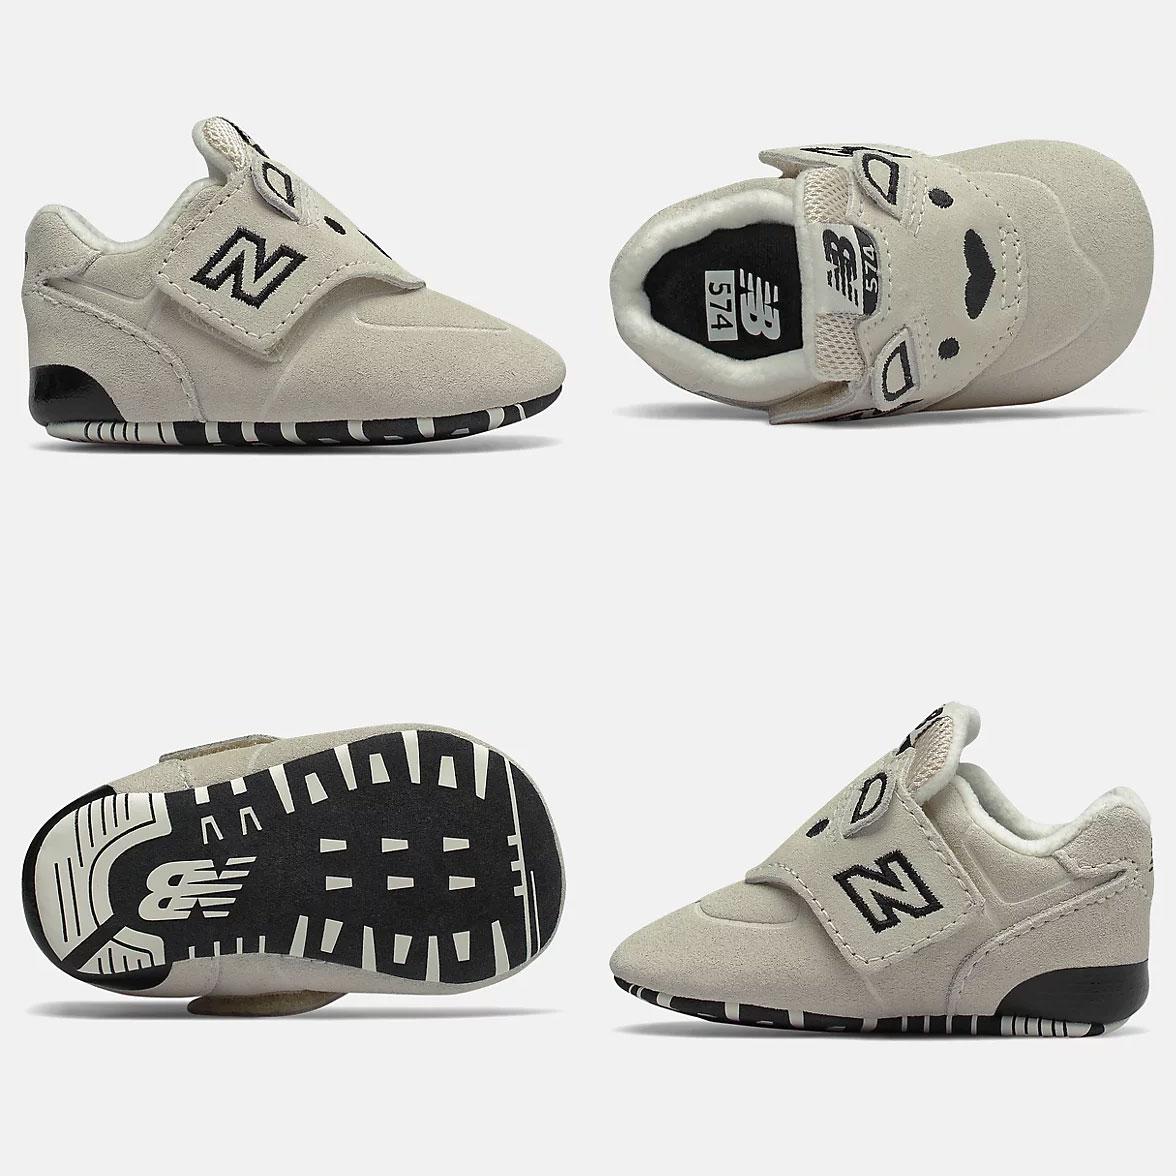 574 Classic Crib sneakertjes - extra voordelig met code @ New Balance